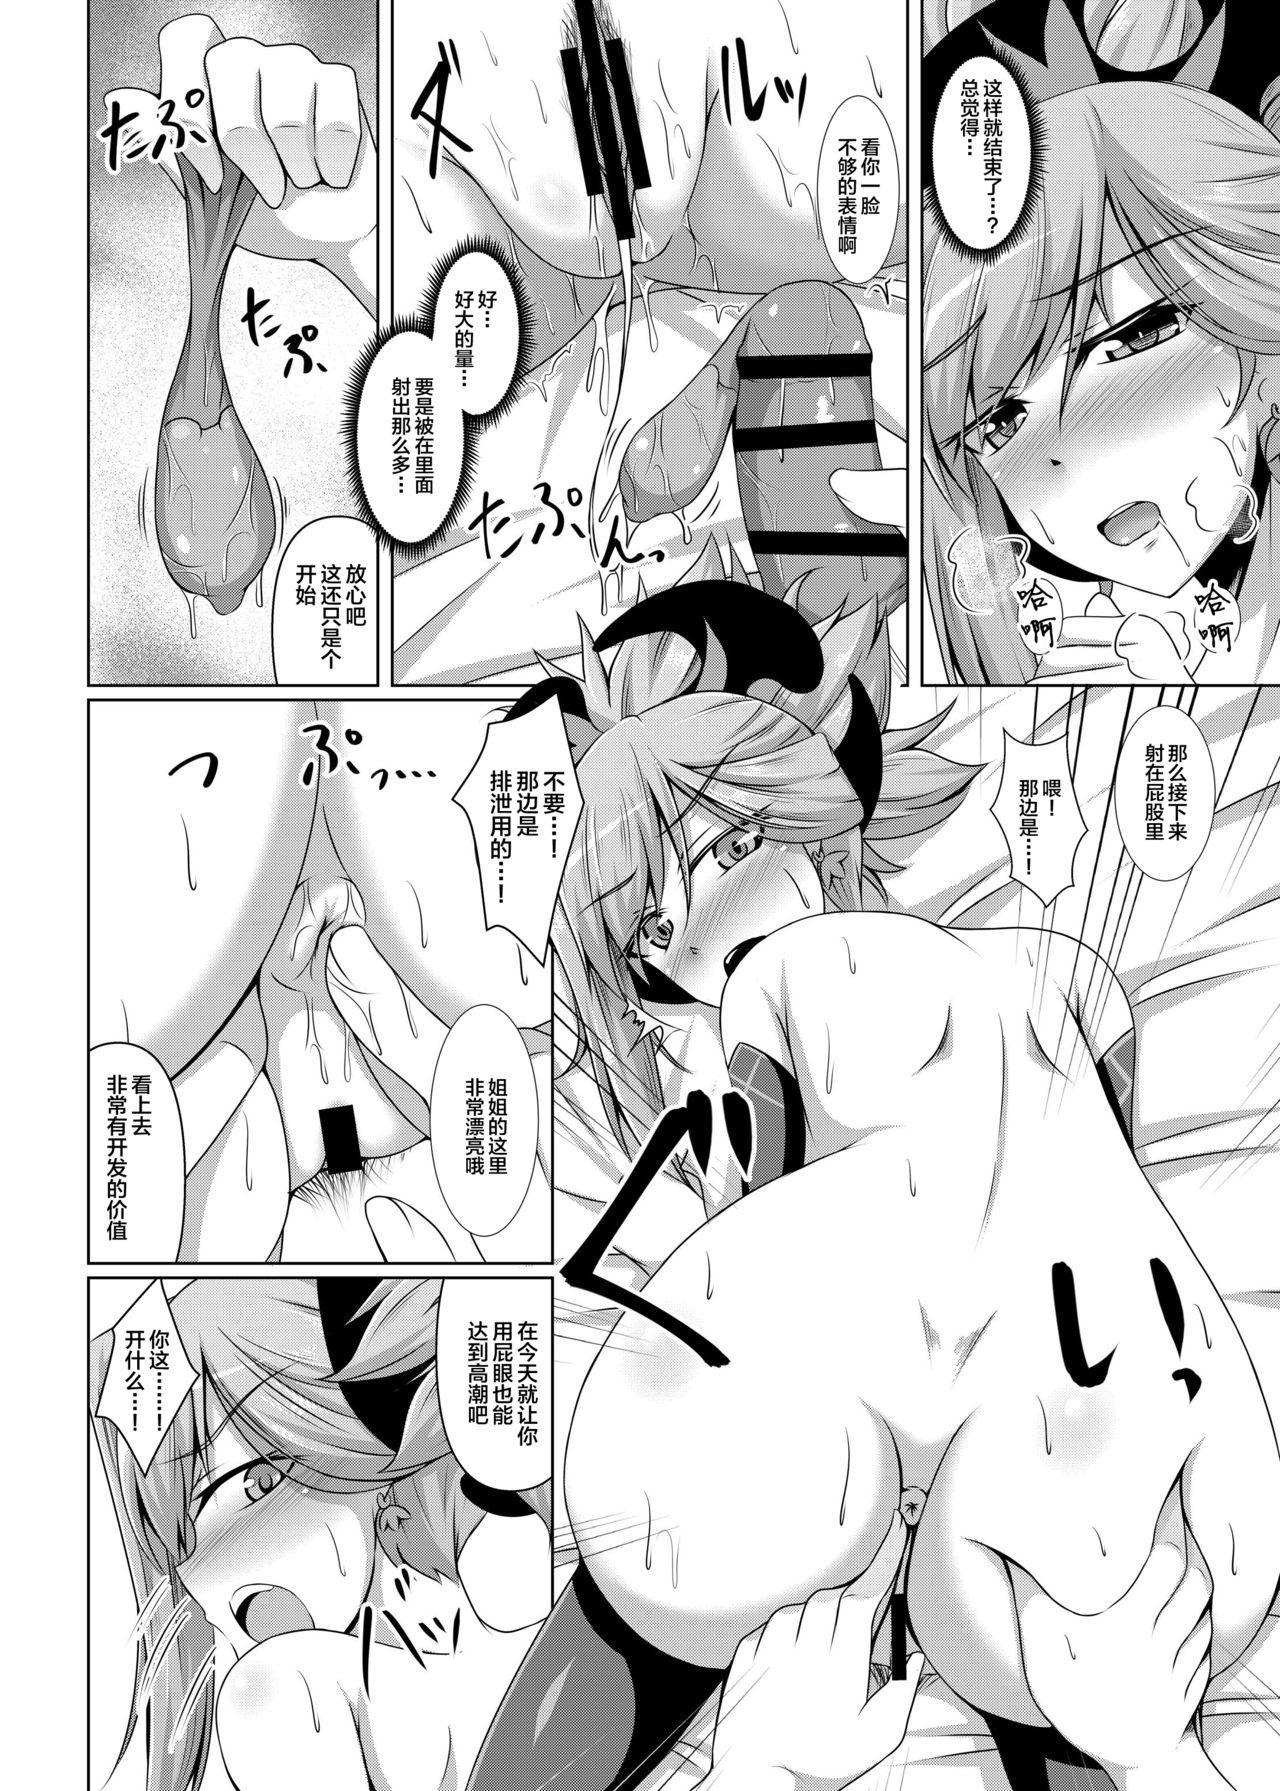 Musashi-san ga Kichiku Shota ni Choukyou Sareru Hon 13